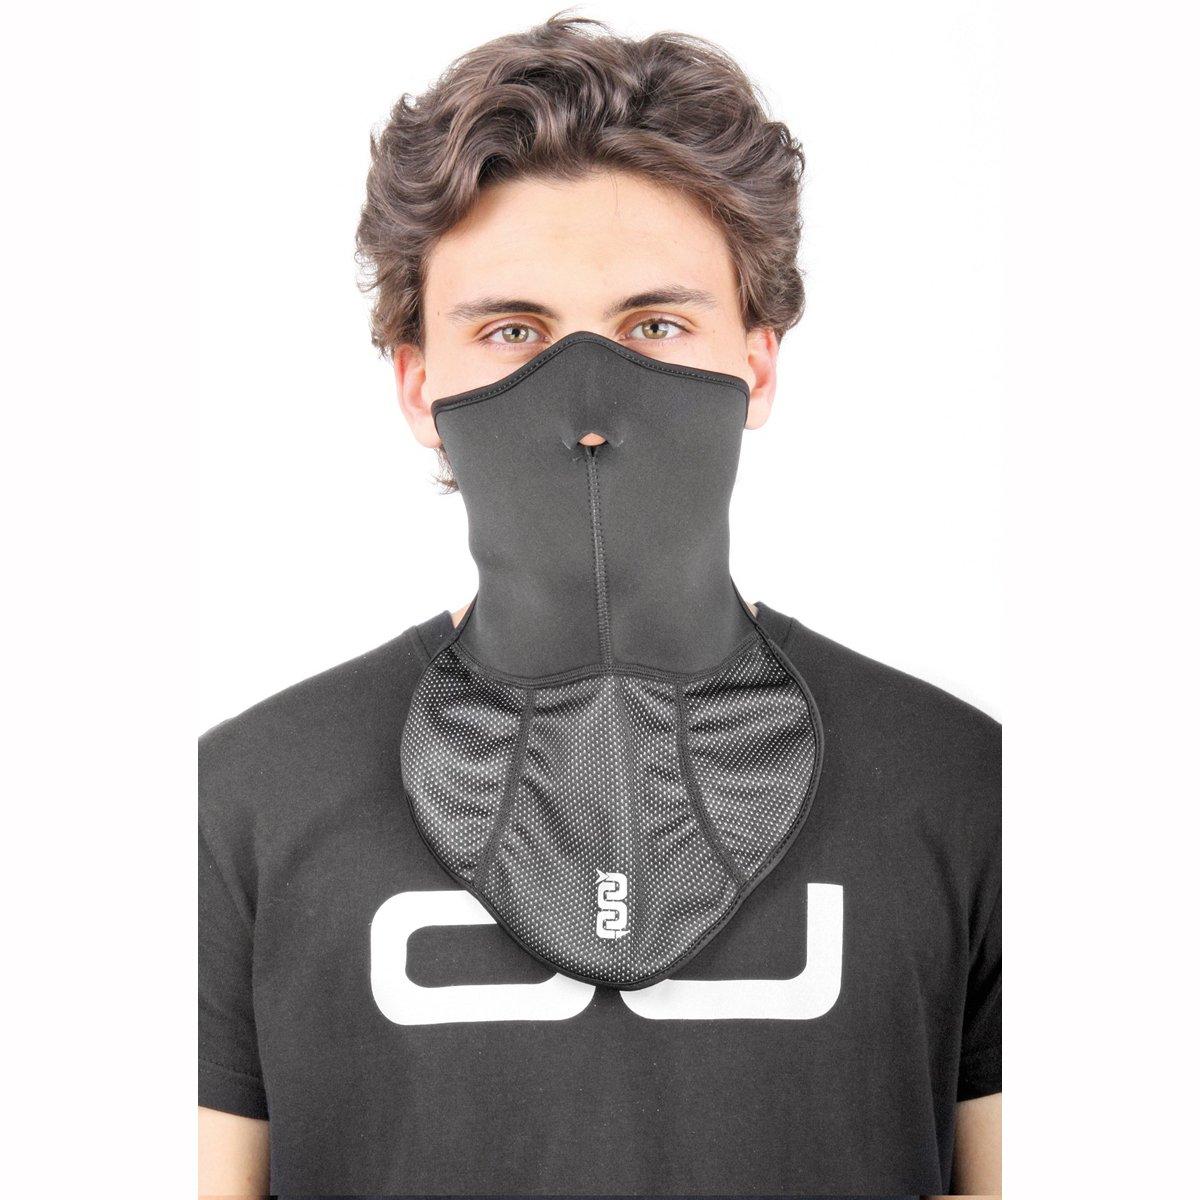 Maschera In Neoprene Con Collare Oj F005